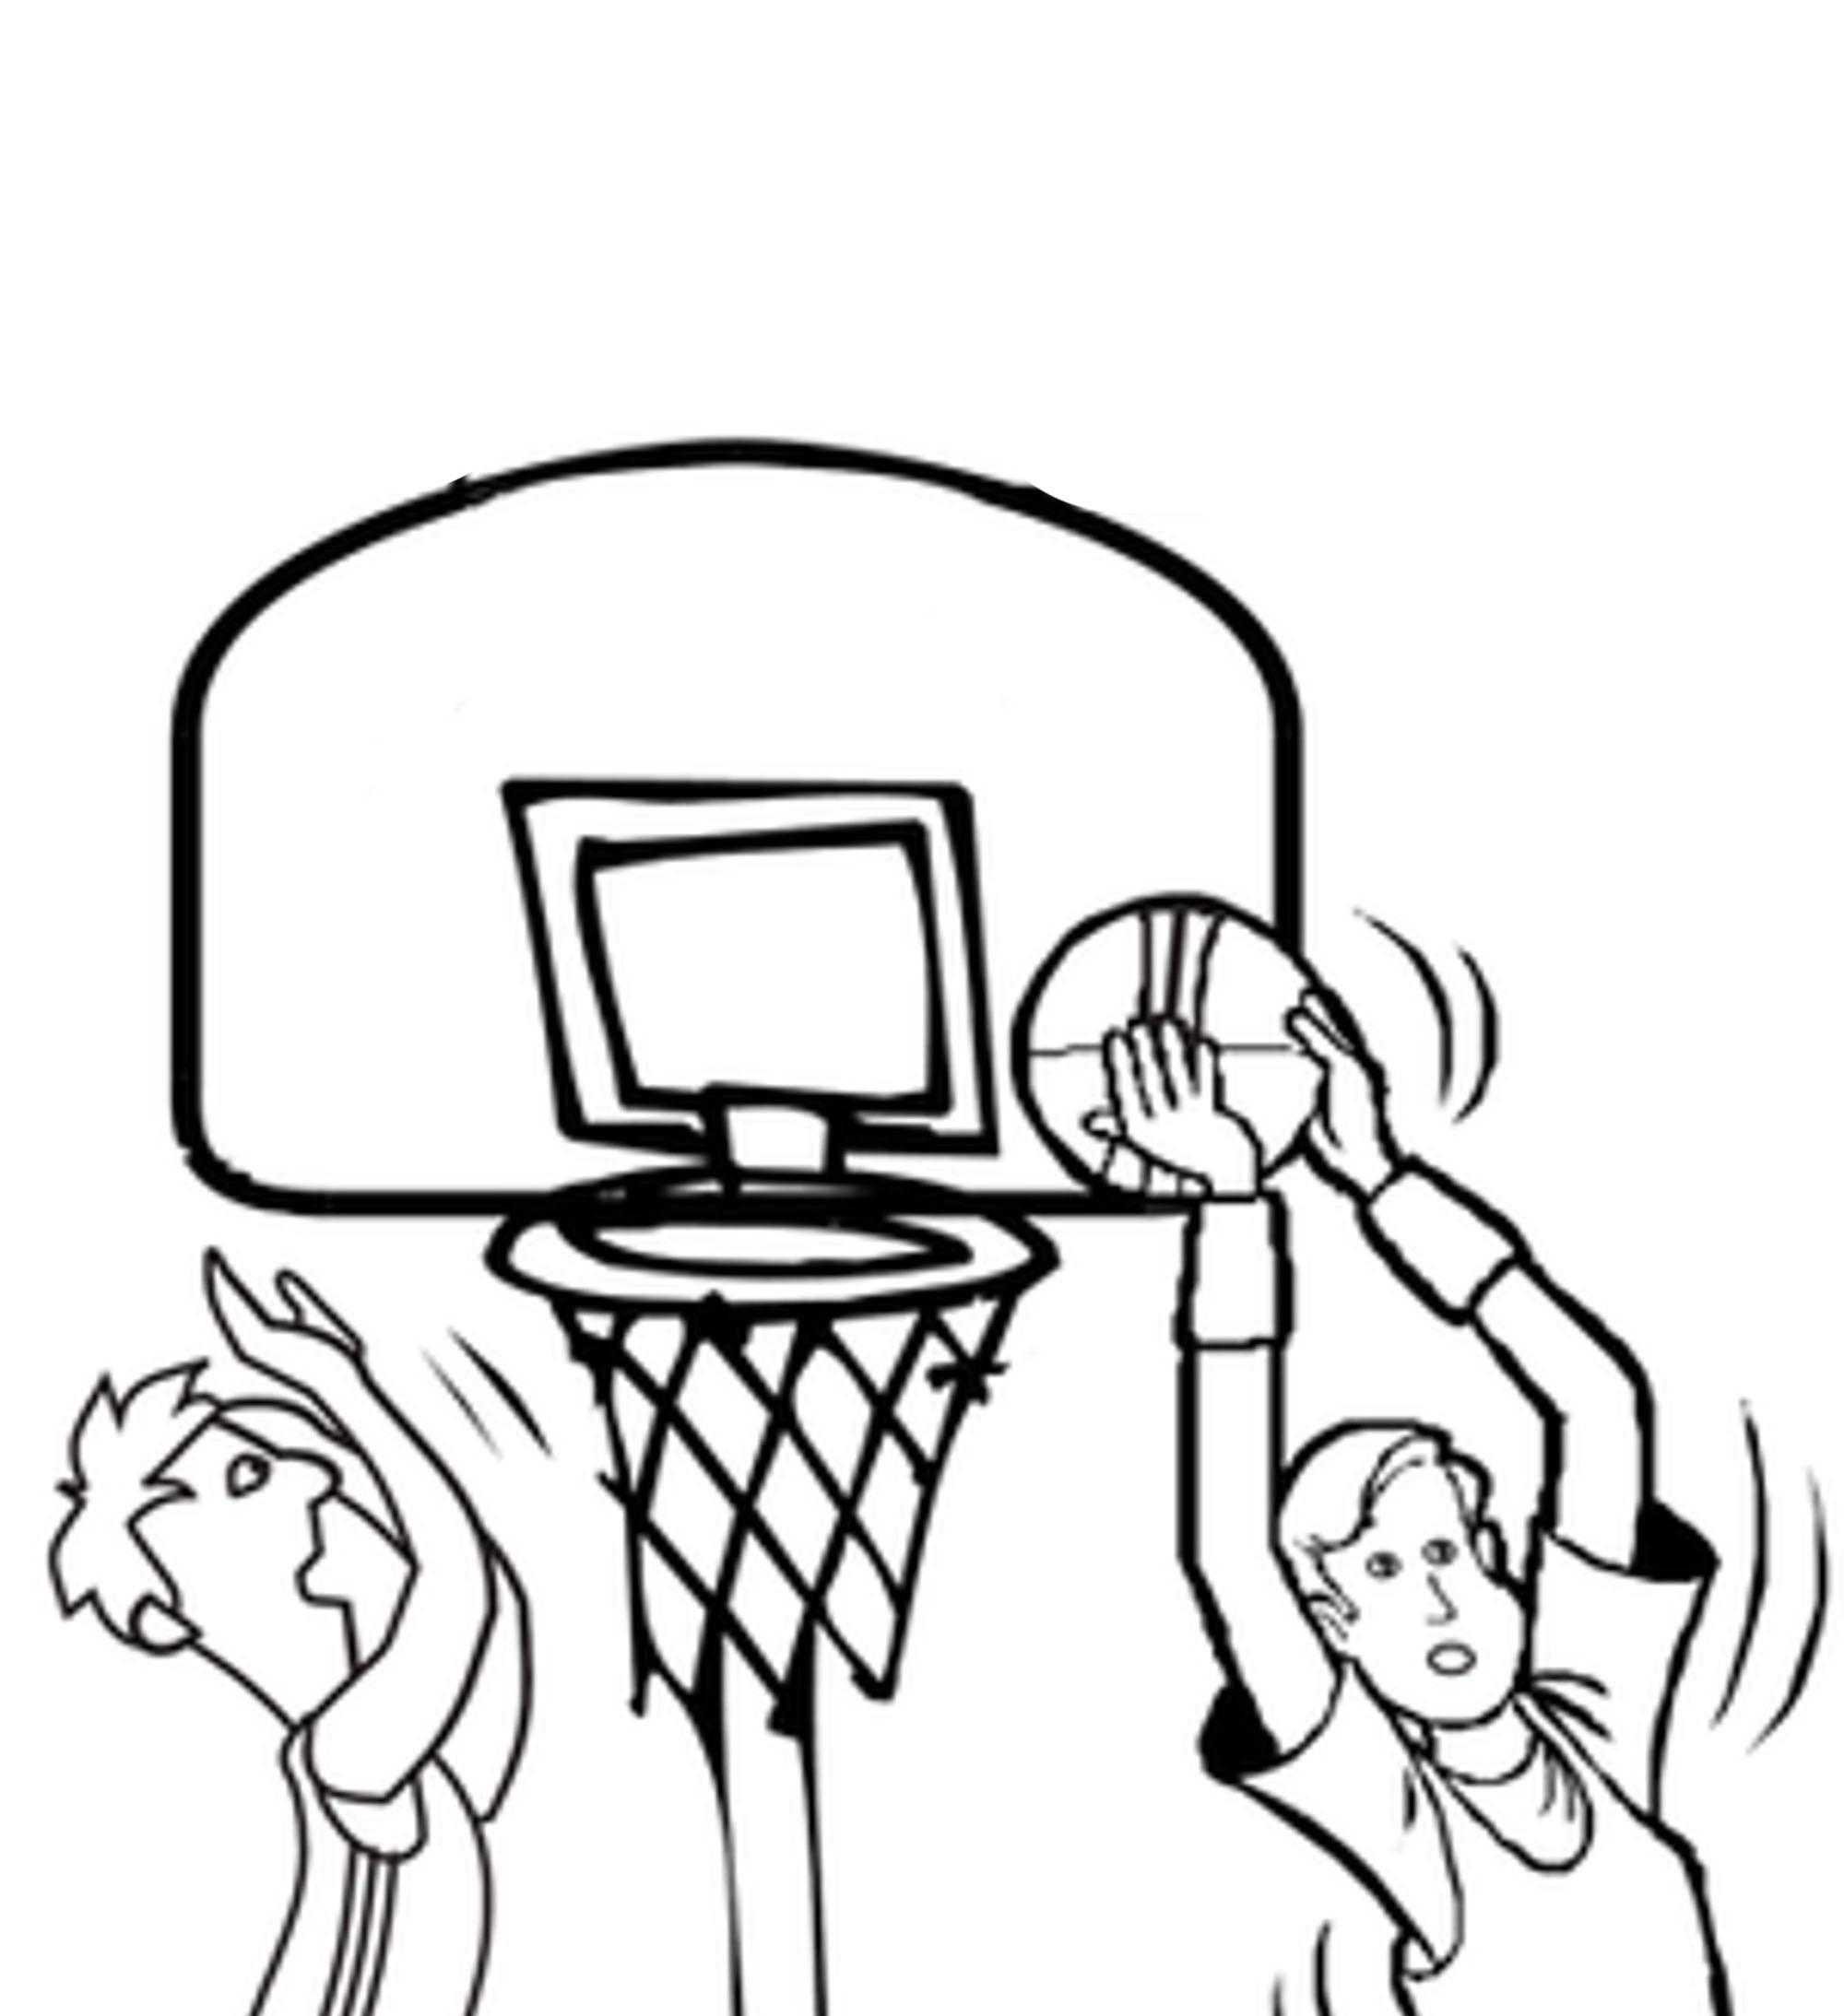 2000x2187 basketball shoe coloring pages unique unique lebron james